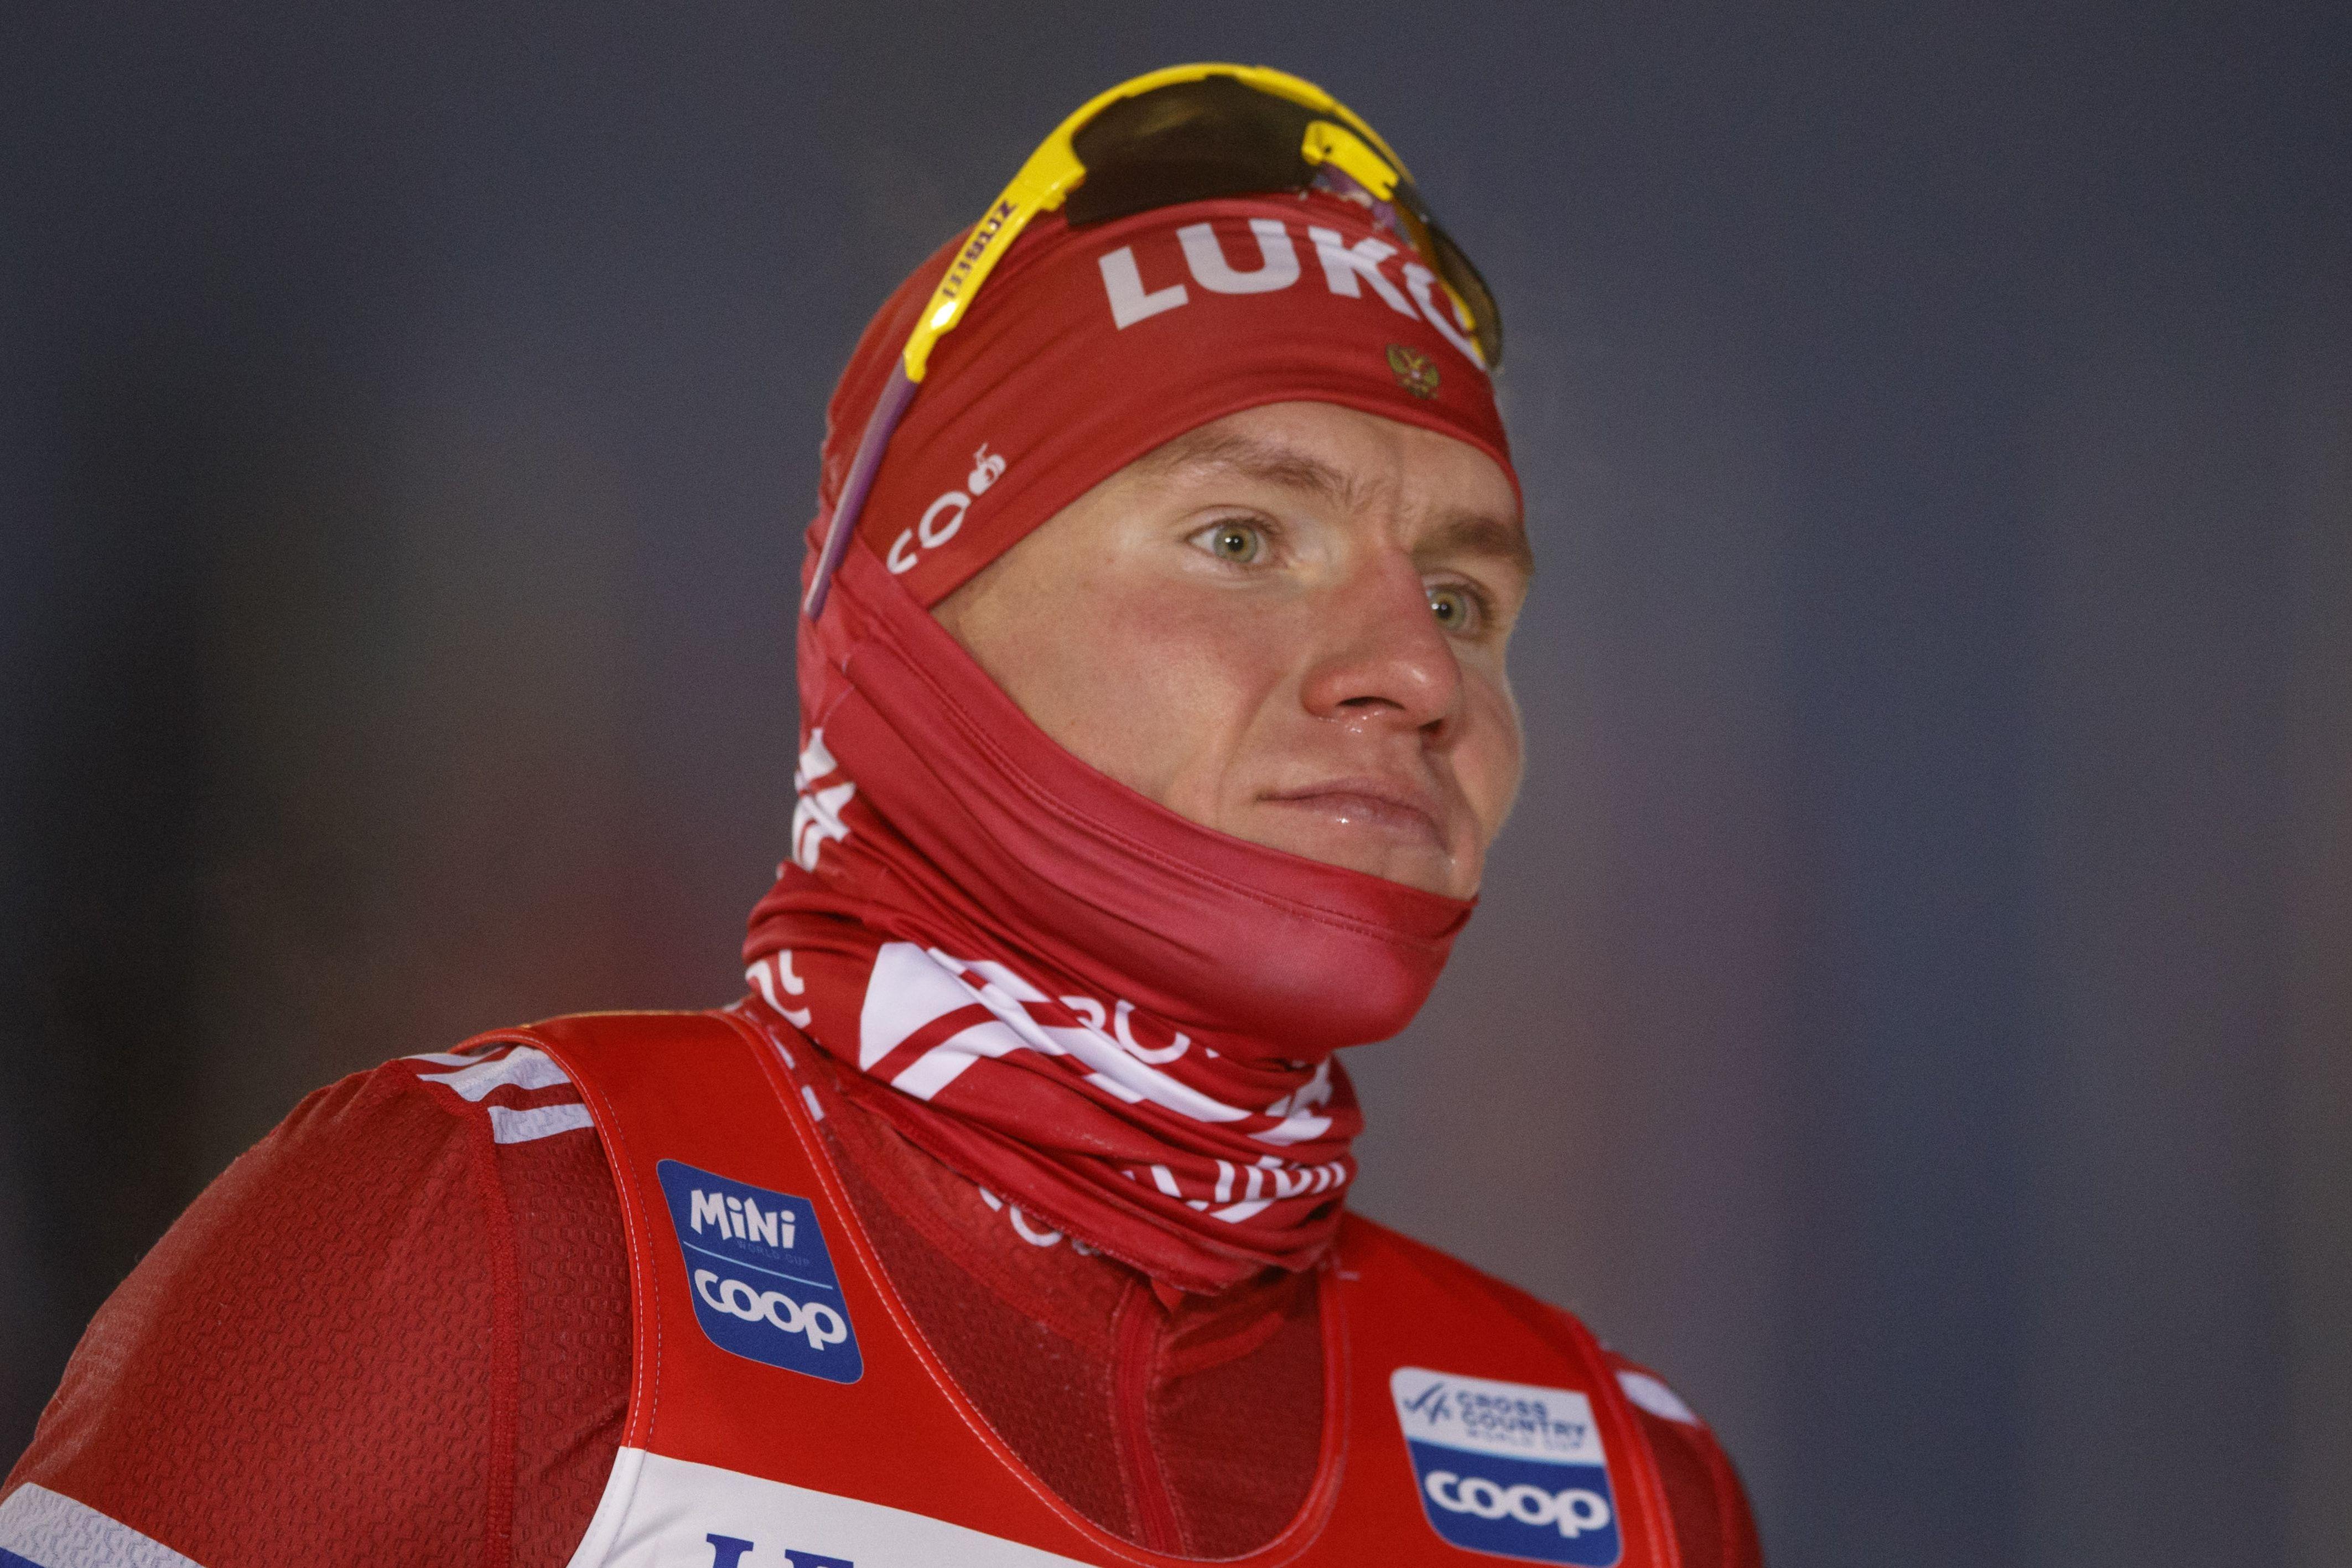 Бородавко: 'Большунов постарается повторить свой прошлогодний успех на 'Тур де Ски'